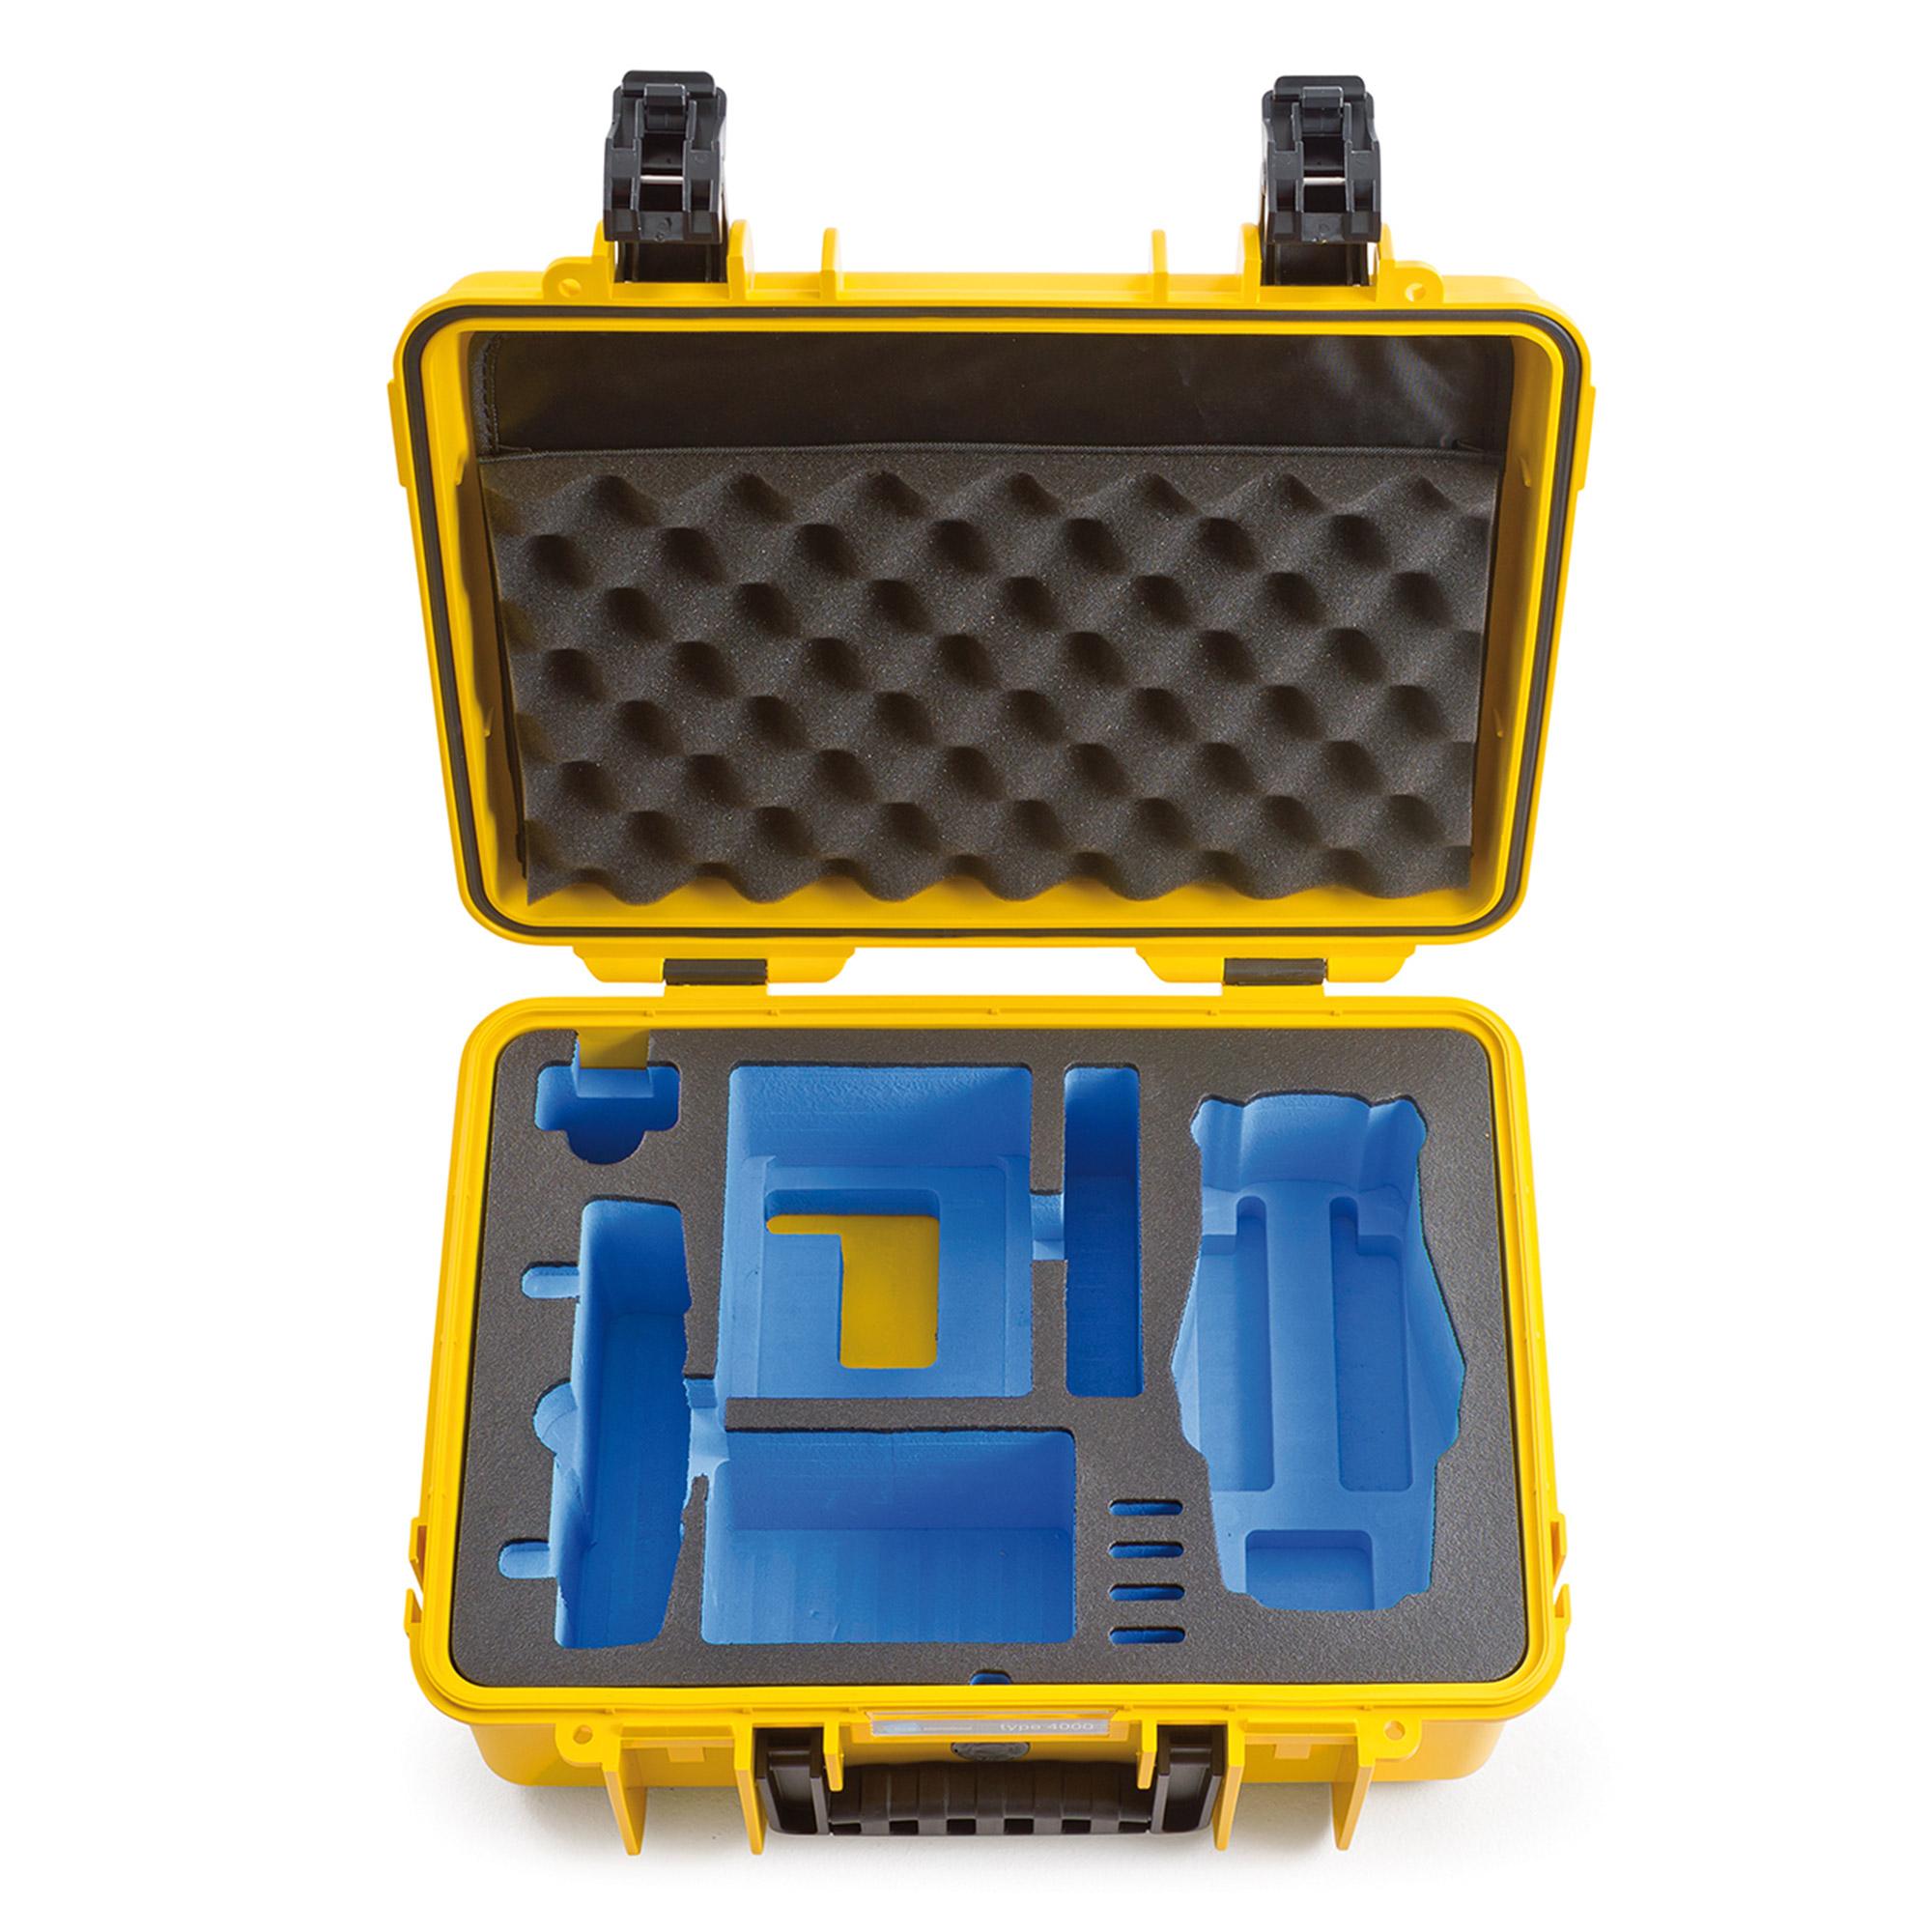 Große Space Case Umhängetasche für DJI Smart Remote Controller Mavic 2 PRO ZOOM